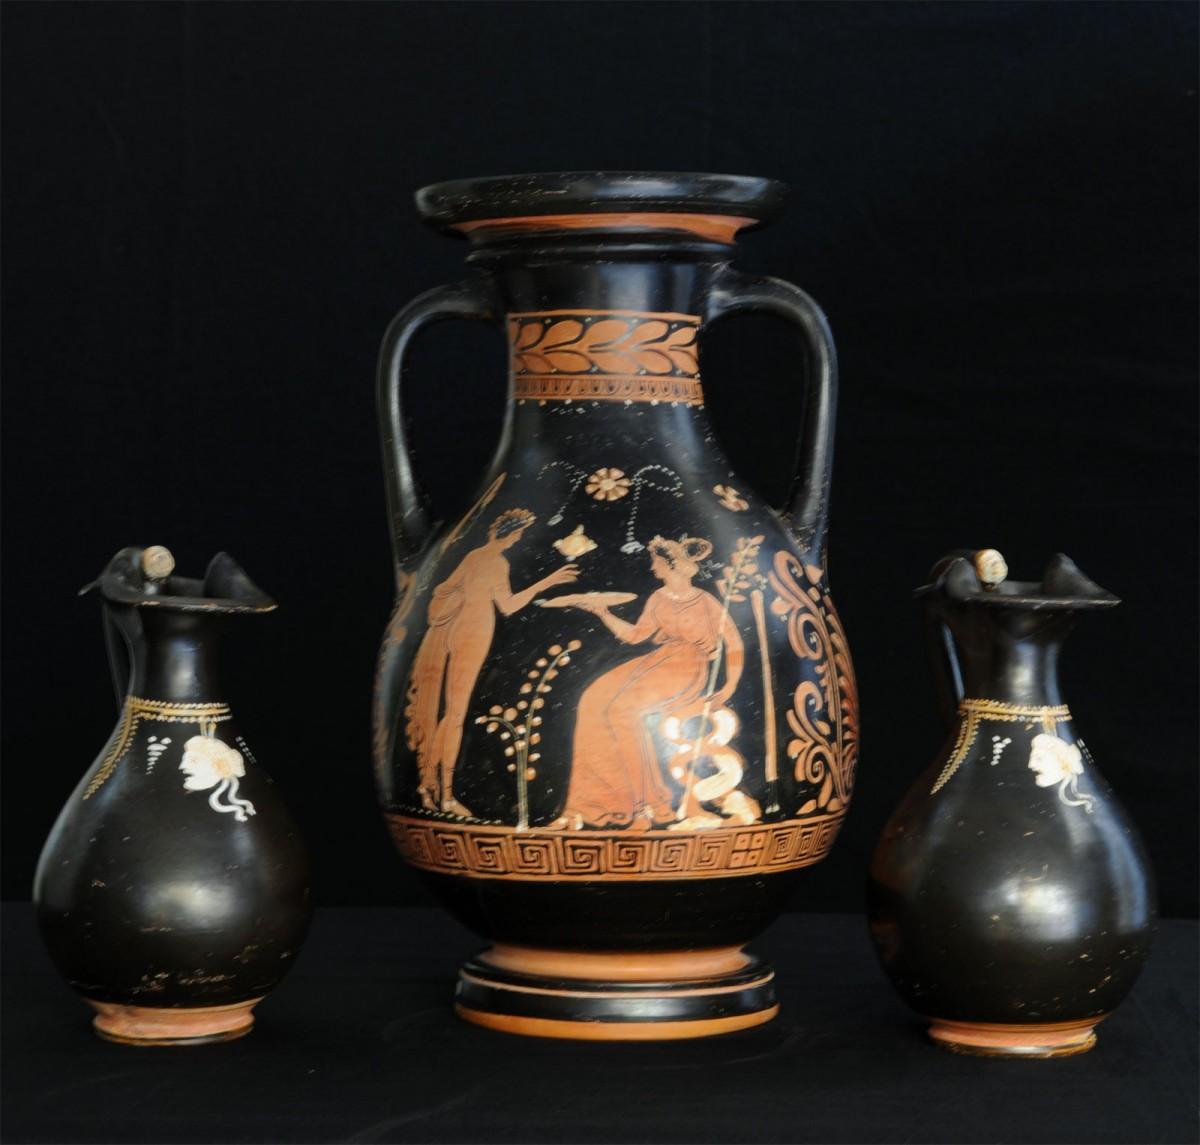 Στα 25 αρχαία αντικείμενα που επιστράφηκαν στην Ιταλία περιλαμβάνονται αγγεία, τοιχογραφίες και χειρόγραφα (φωτ. CARABINIERI CC TPC ROMA).